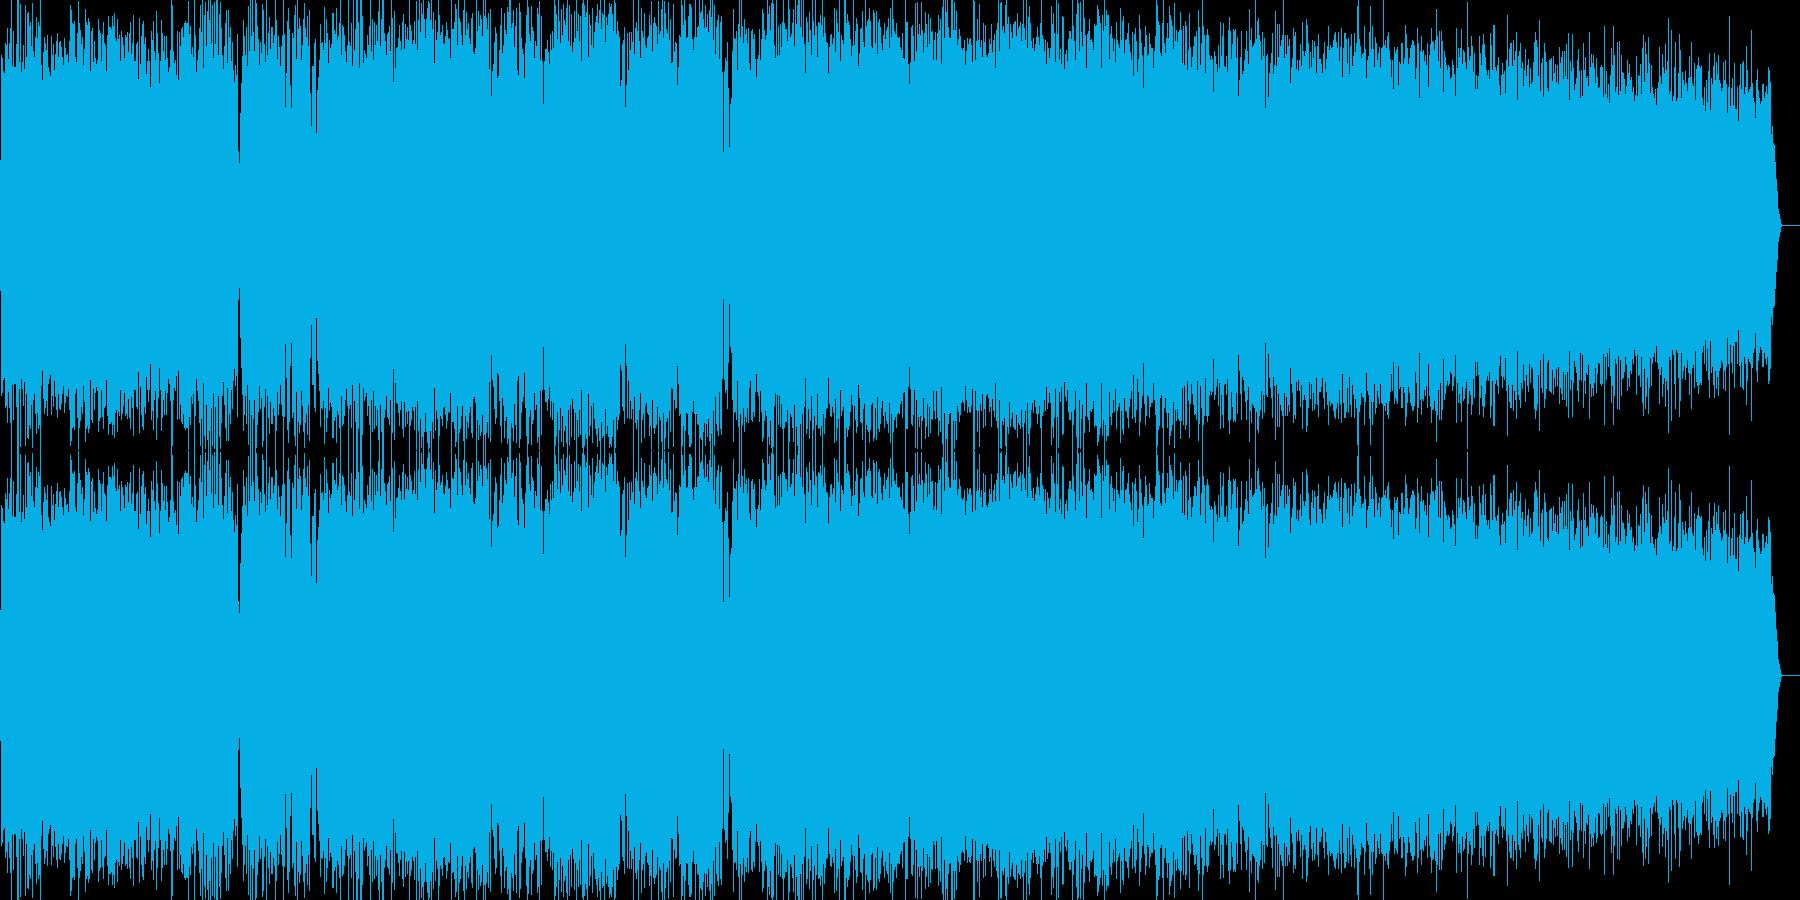 エネルギー暴走風ビーム音の再生済みの波形